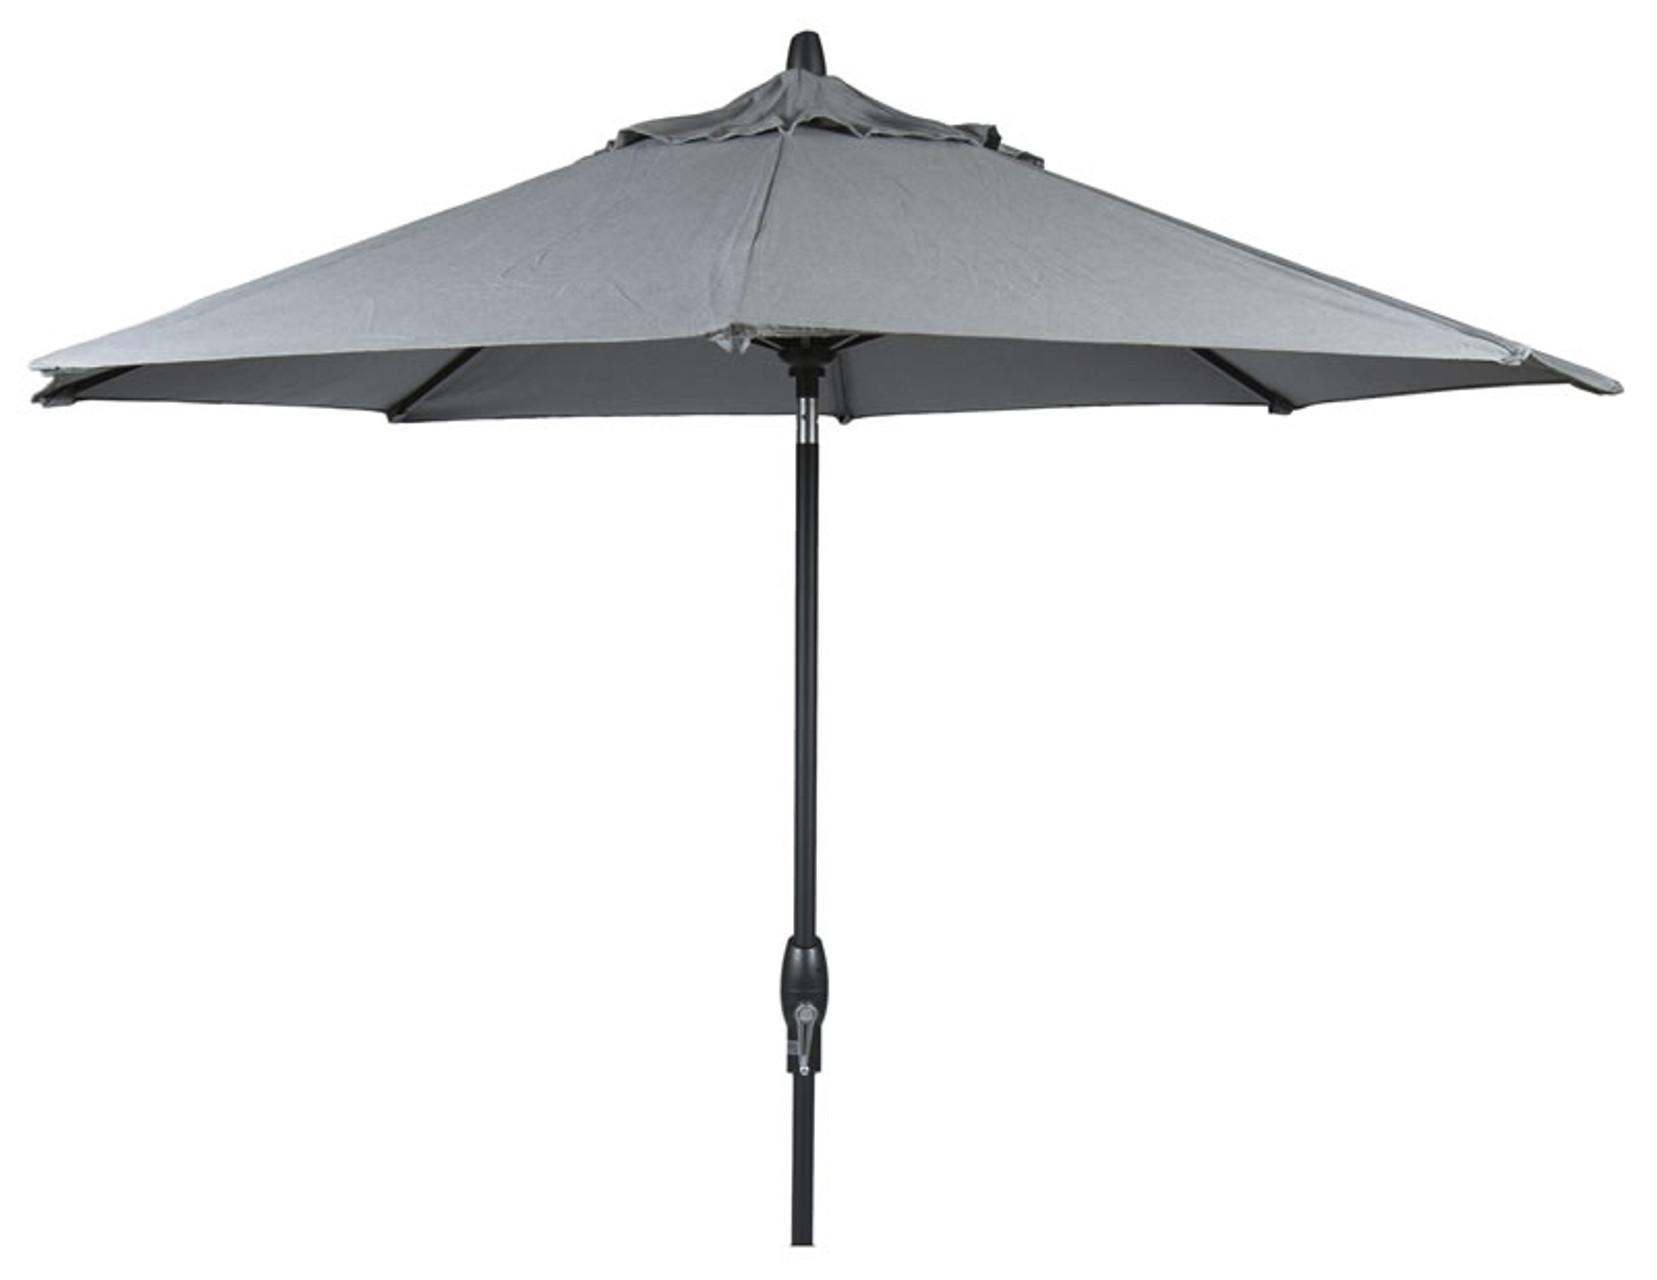 9u0027 Auto Tilt Market Umbrella In Sunbrella Cast Slate   Single Wind Vent    Black Finish